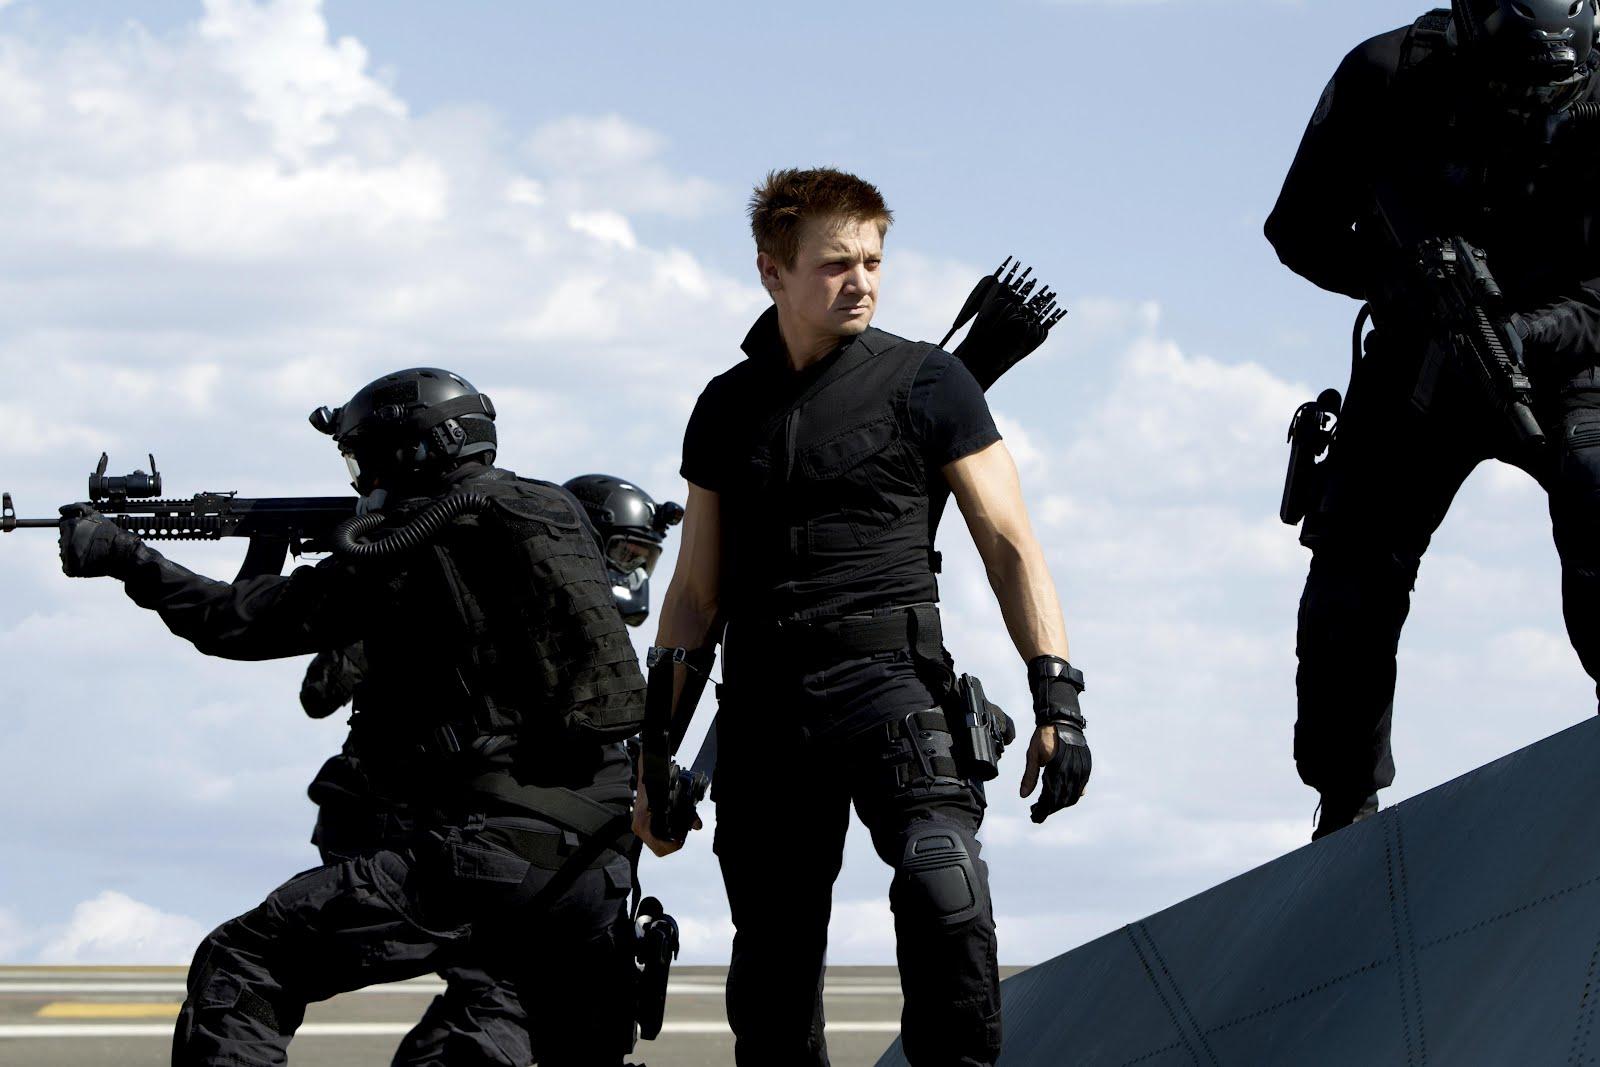 http://3.bp.blogspot.com/-lFHSRrXUE6E/T4gsKJBQYgI/AAAAAAAAALk/TtmmsDqqT5g/s1600/Marvels-The_Avengers%2B%25282%2529.jpg